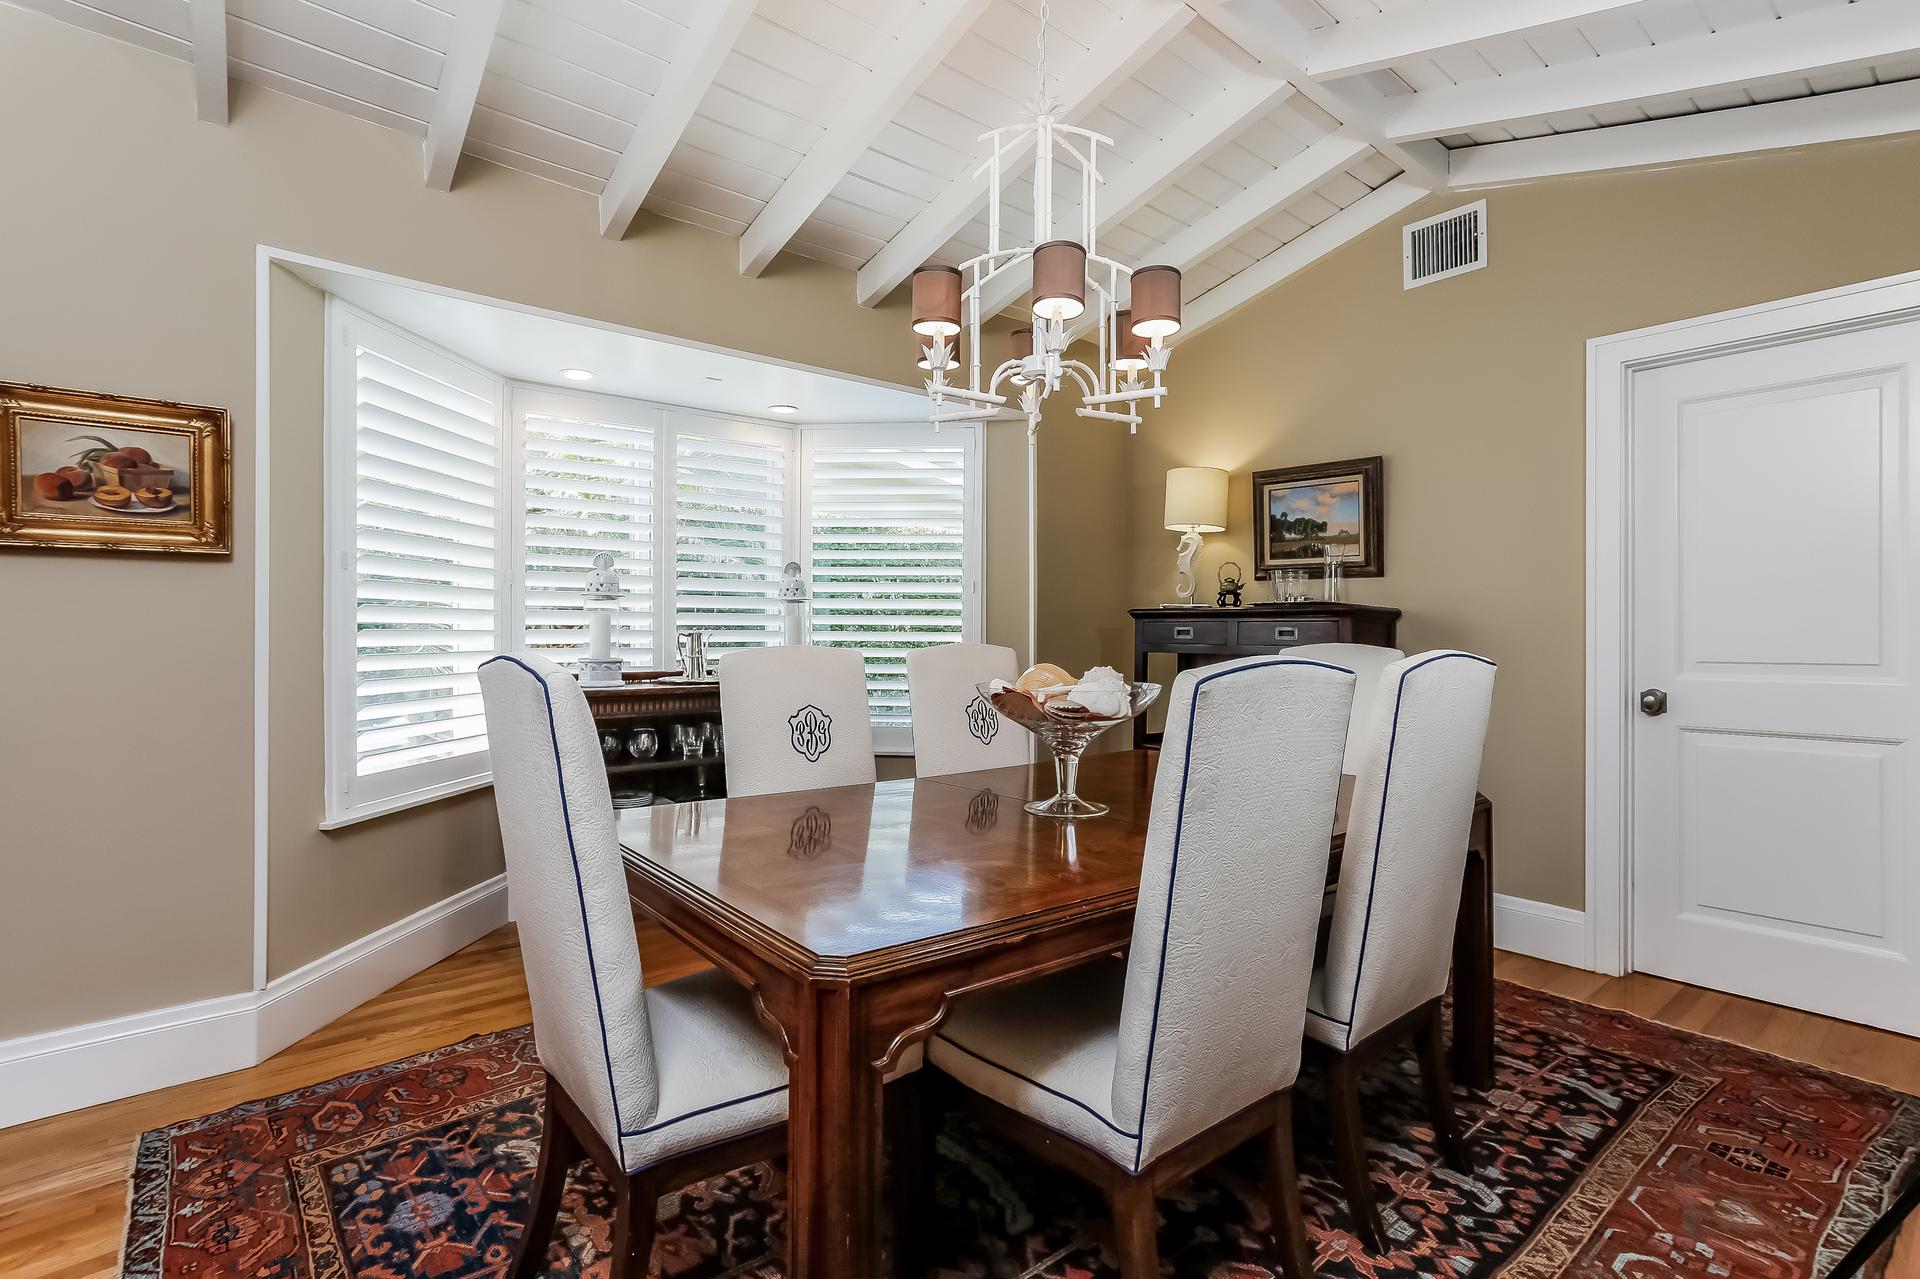 010-Dining_Room-2647614-medium.jpg